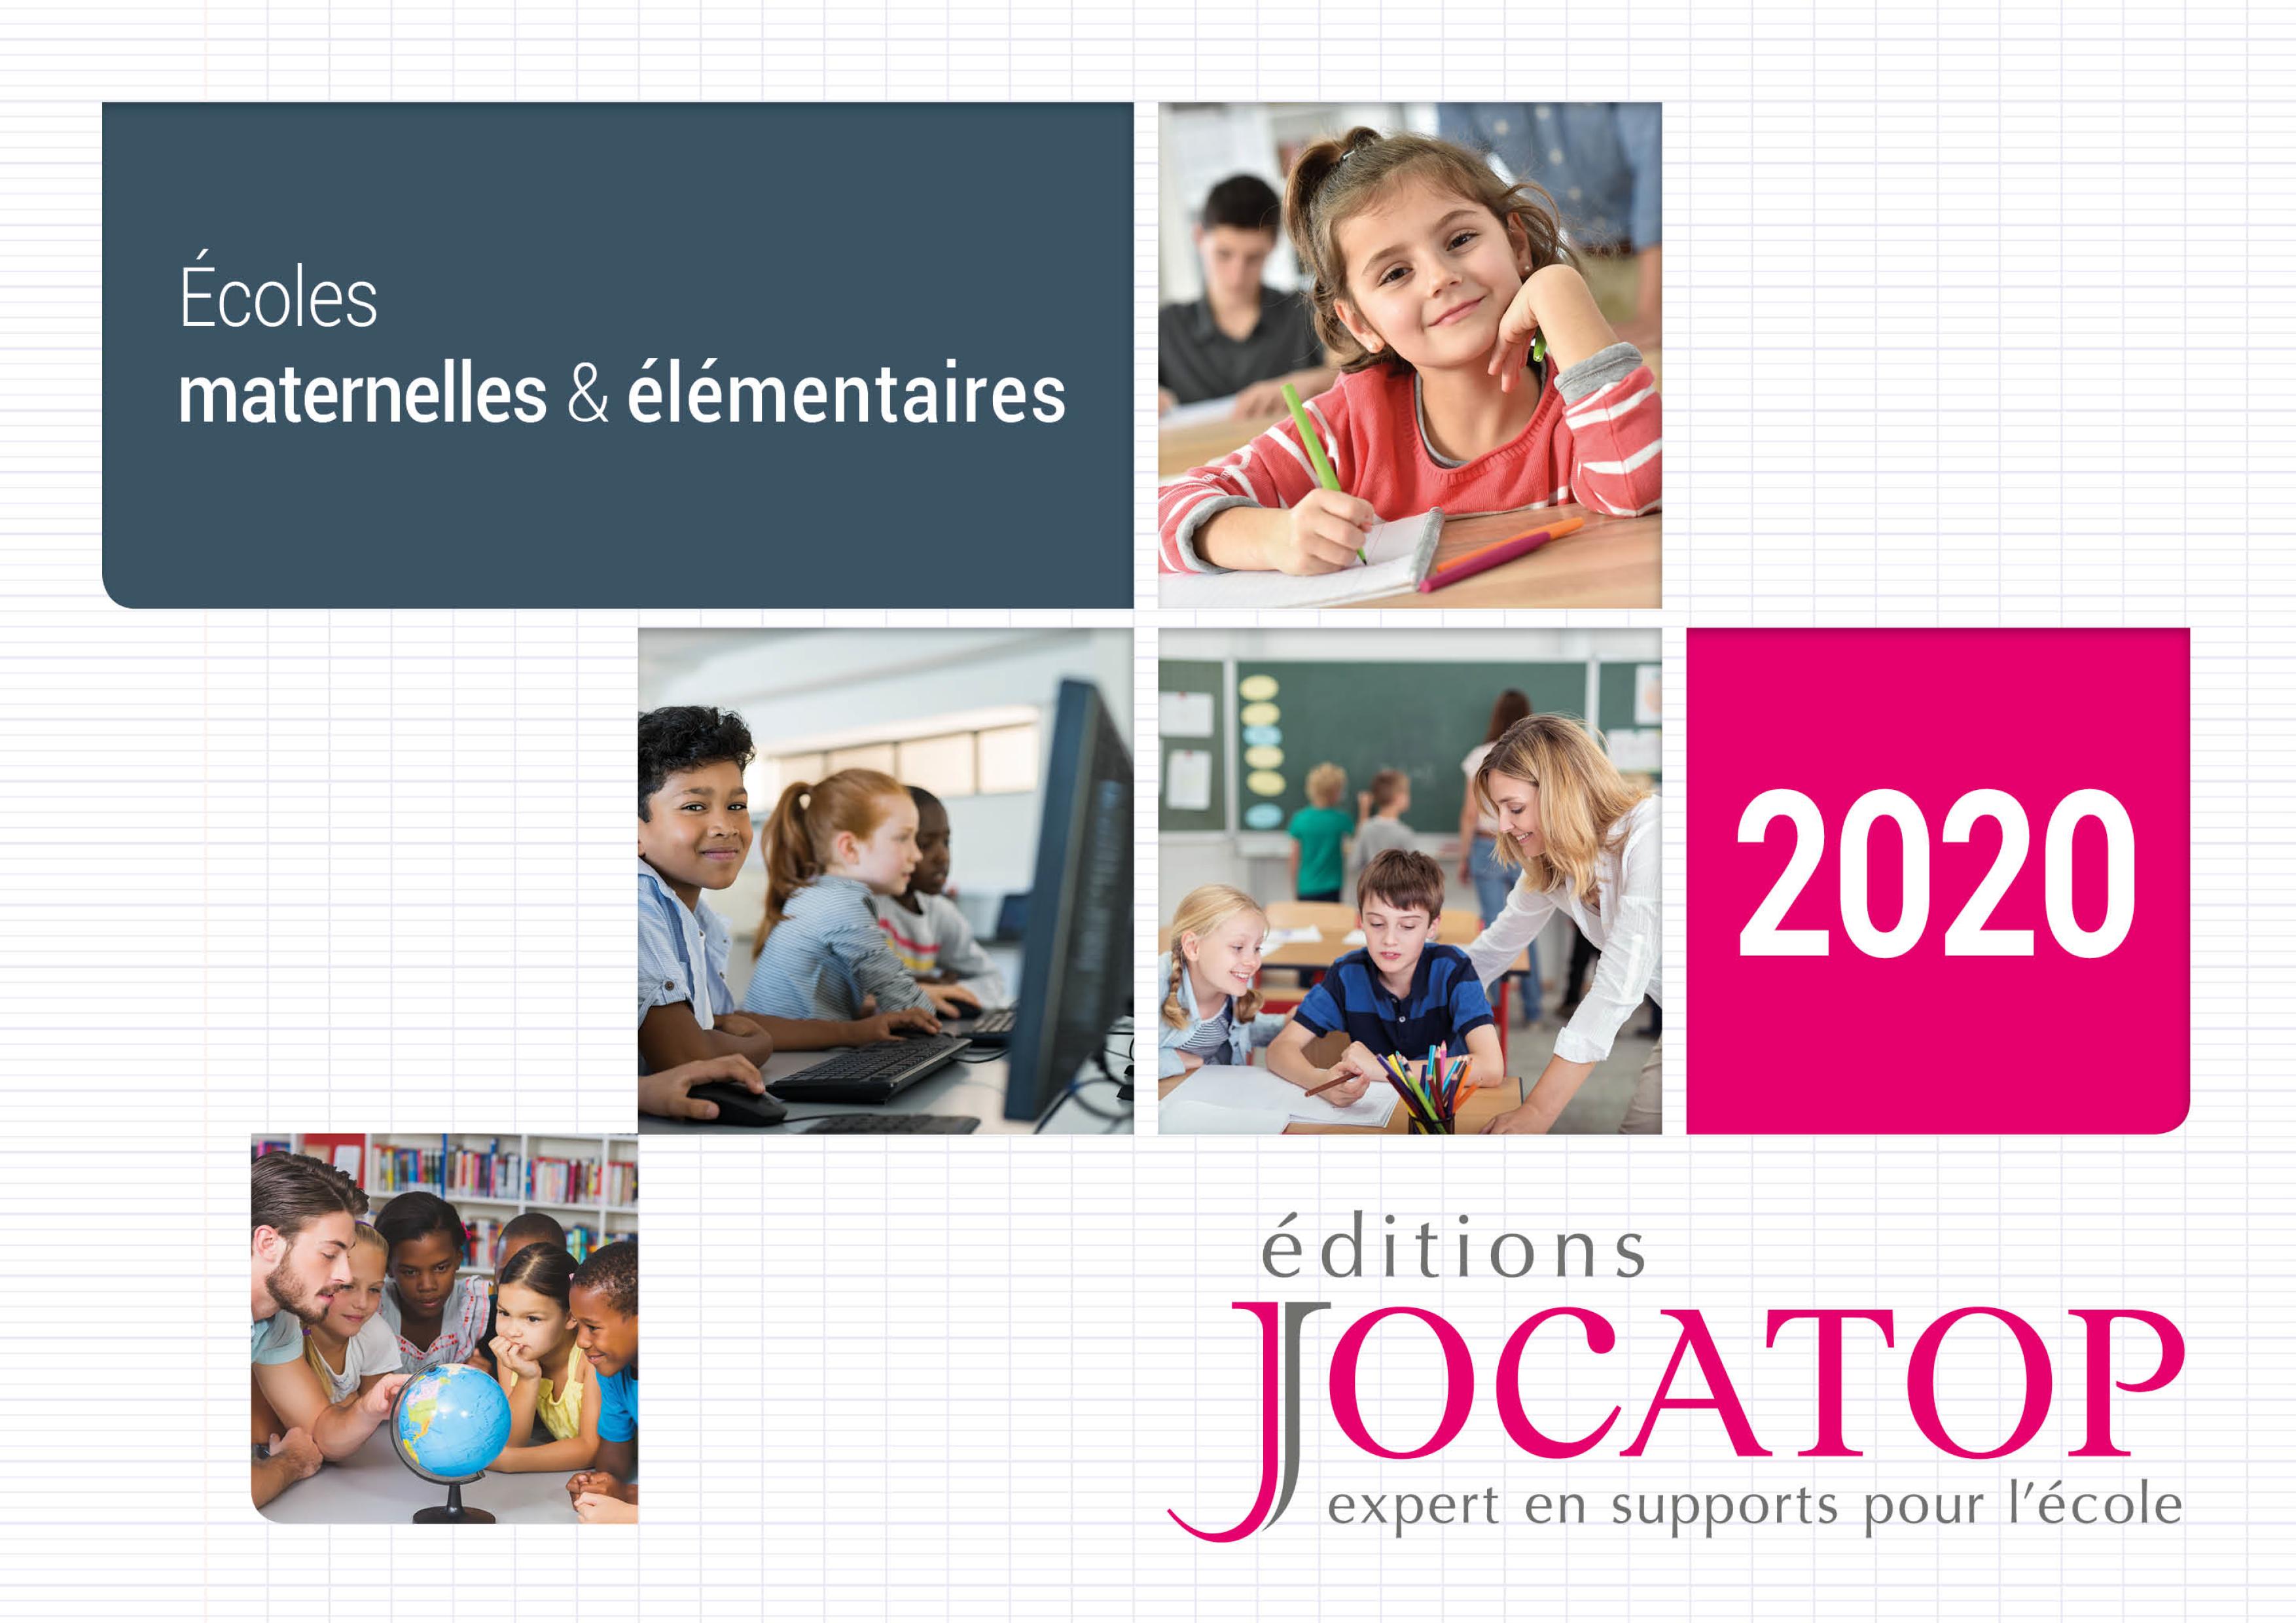 Catalogue 2020 • Editions Jocatop, concepteur d'outils pédagogiques